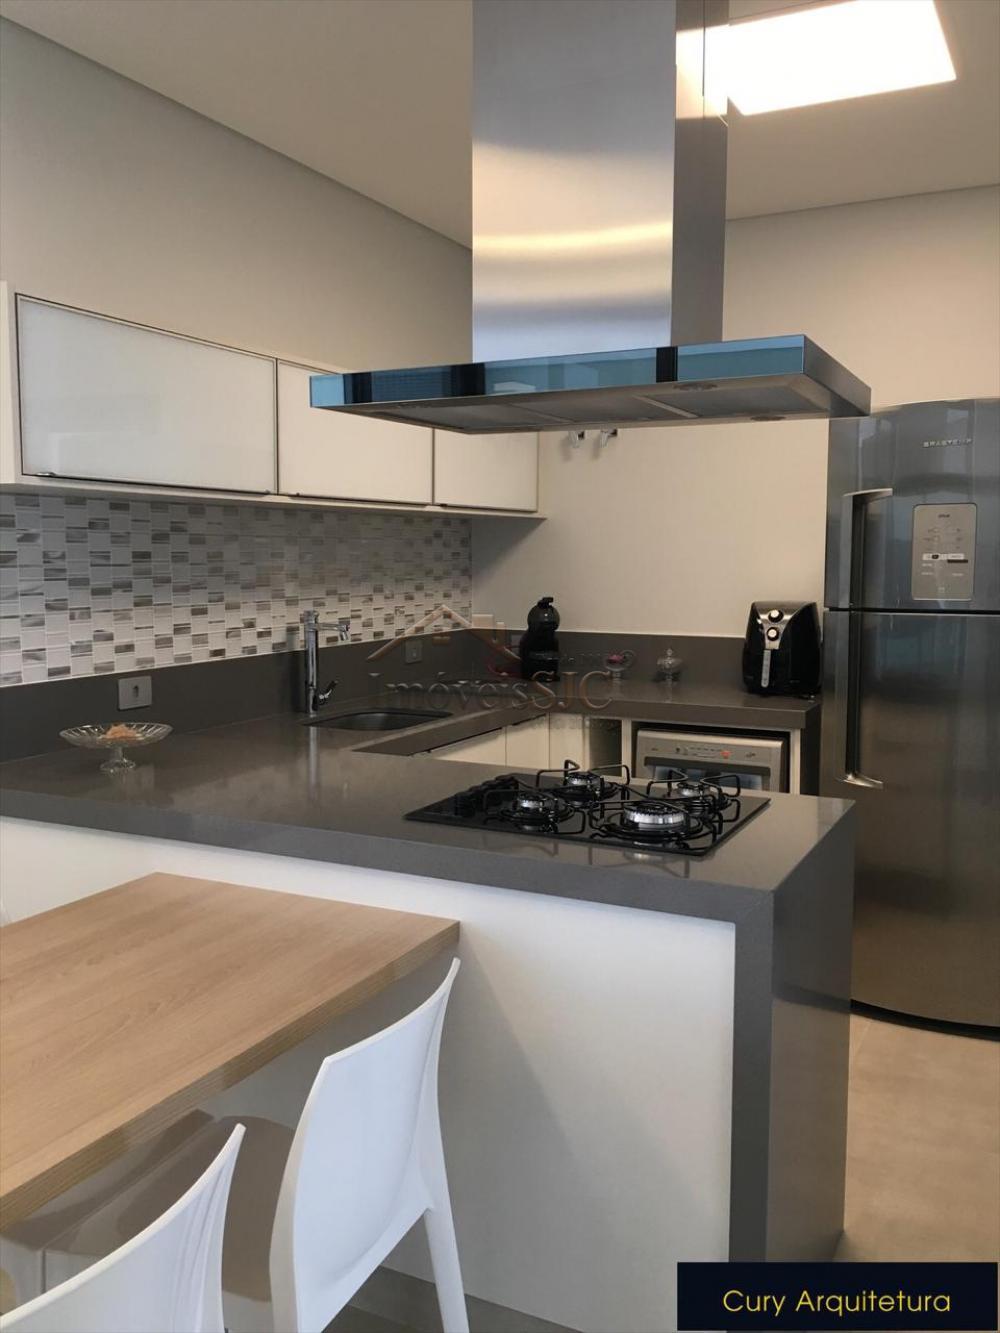 Comprar Casas / Condomínio em São José dos Campos apenas R$ 1.295.000,00 - Foto 10